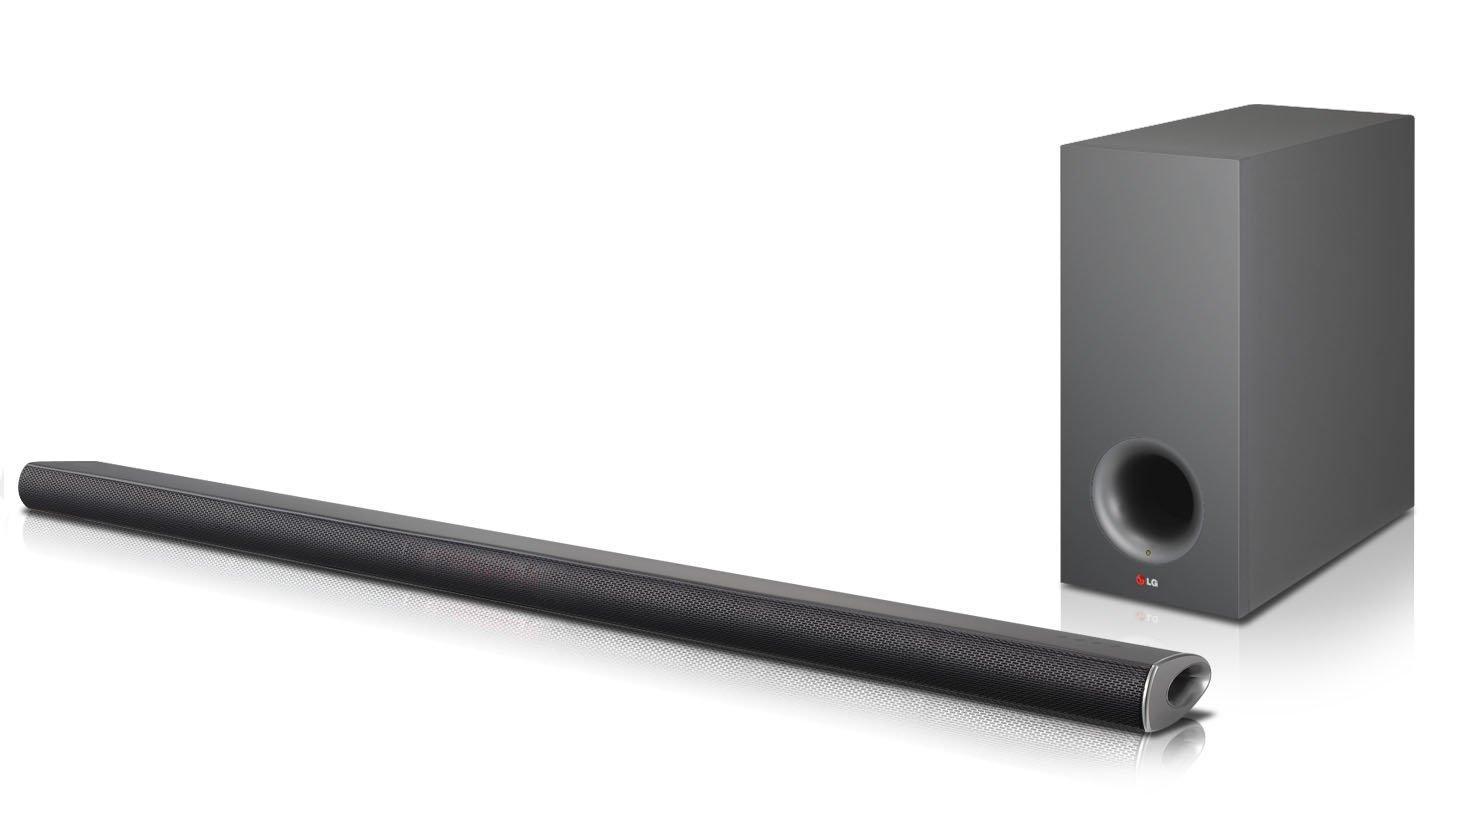 f9f2f10279b LG NB3540 - Barra de sonido de 320W para Bluetooth (5), plateado:  Amazon.es: Electrónica